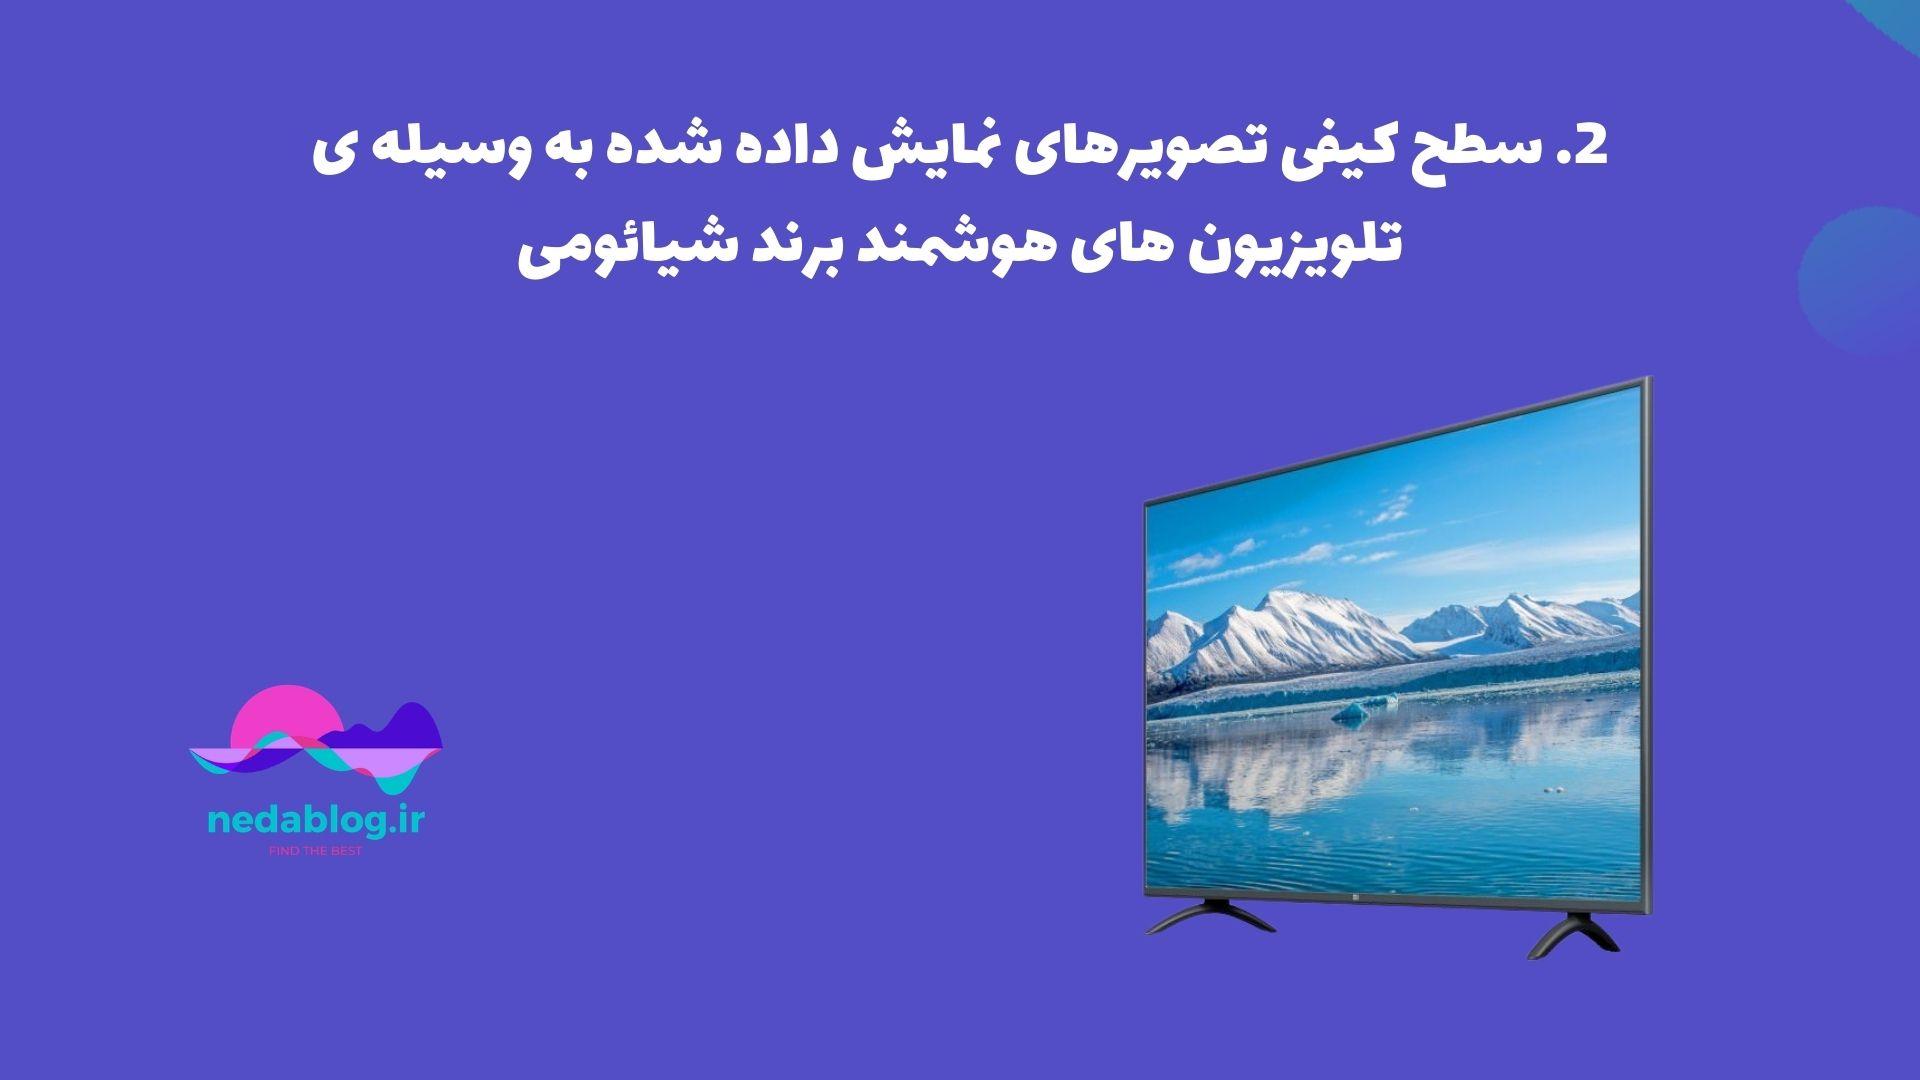 سطح کیفی تصویرهای نمایش داده شده به وسیله ی تلویزیون های هوشمند برند شیائومی